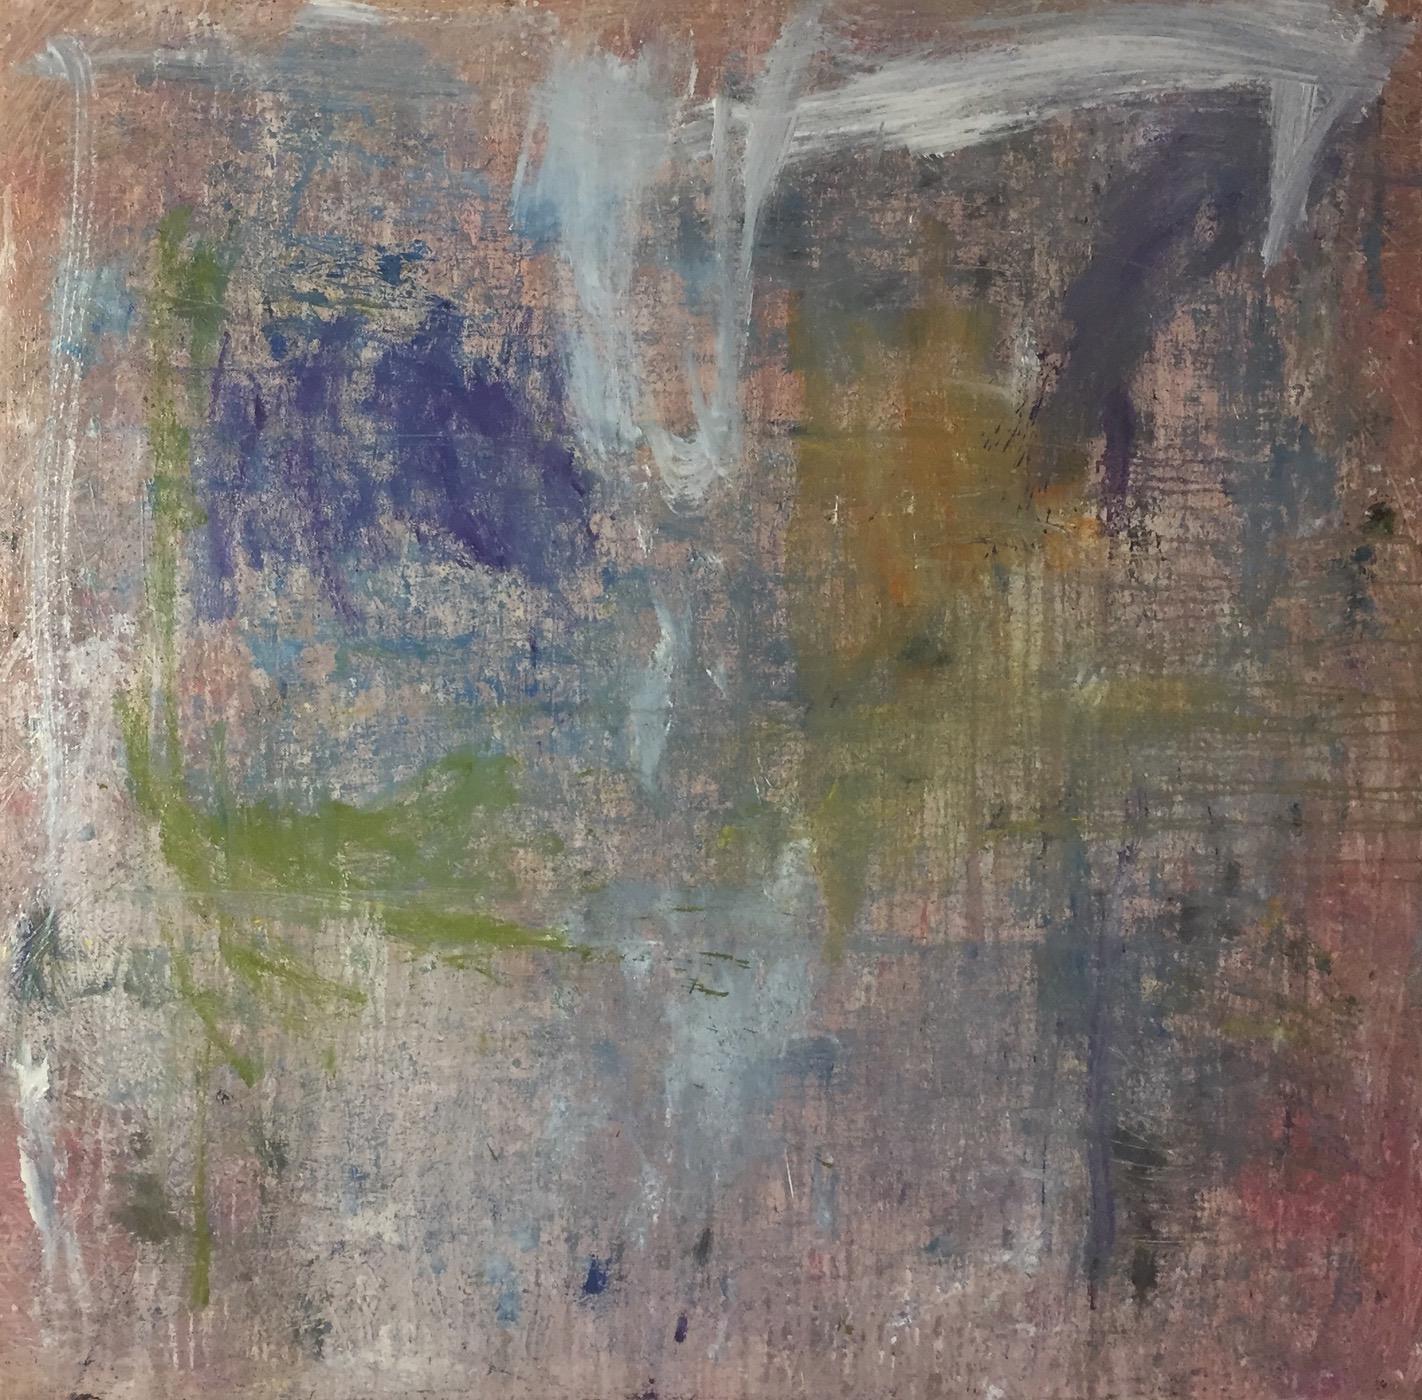 MARC FELD 2020 LISTENING TO DIZZY Huile et acrylique sur toile 150 x 150 cm